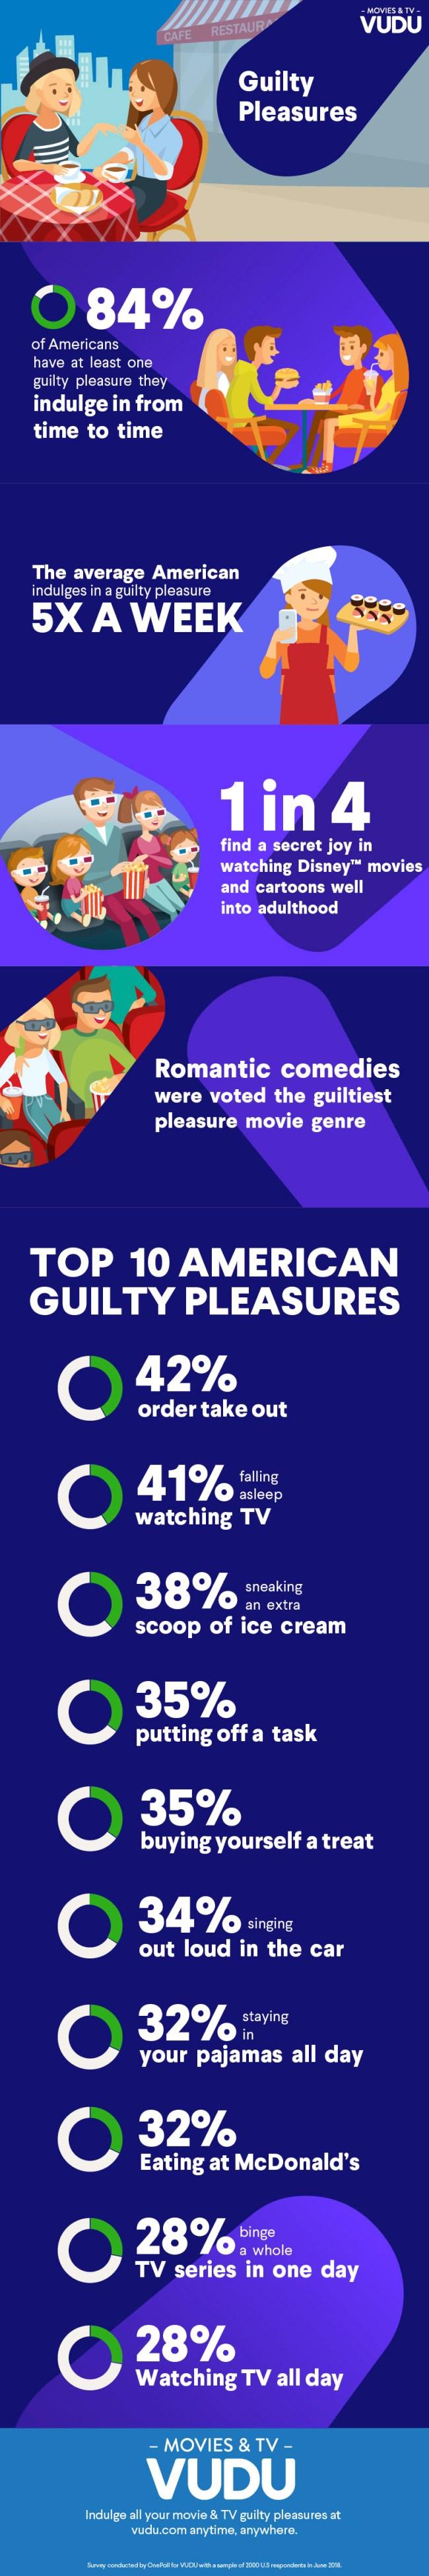 Americas Top Guilty Pleasures Survey Poll